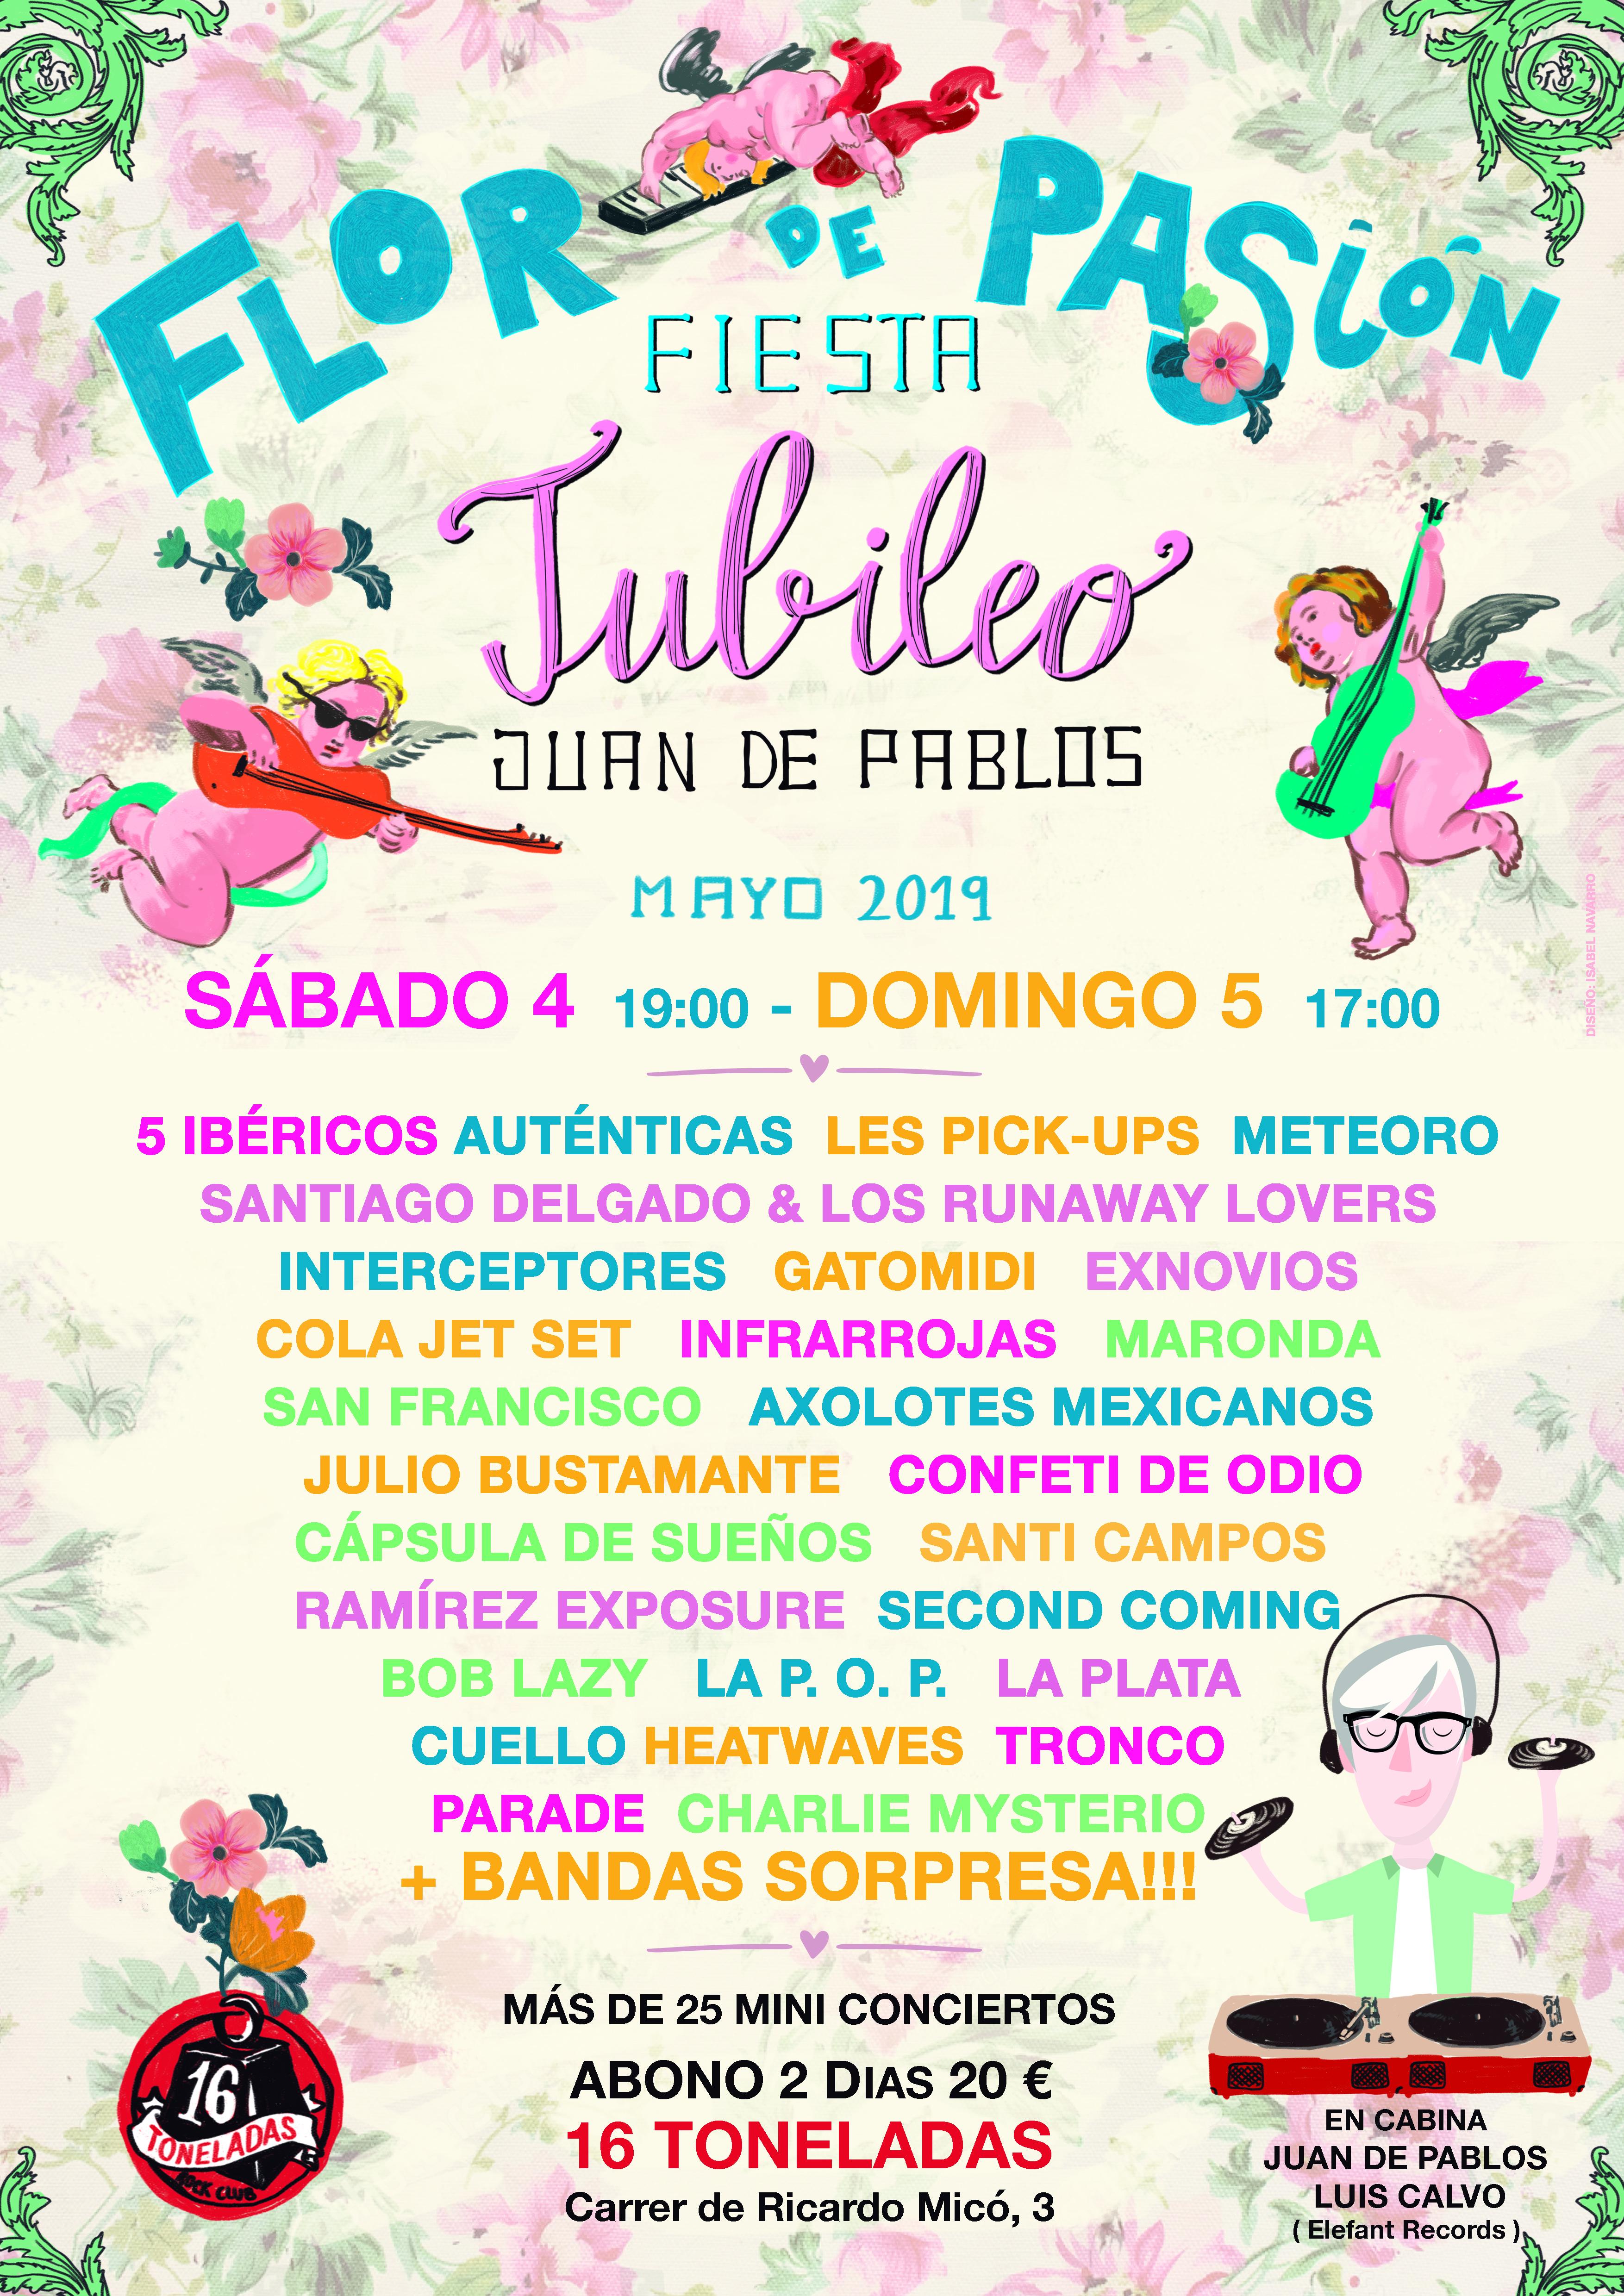 flor_de_pasion_jubileo